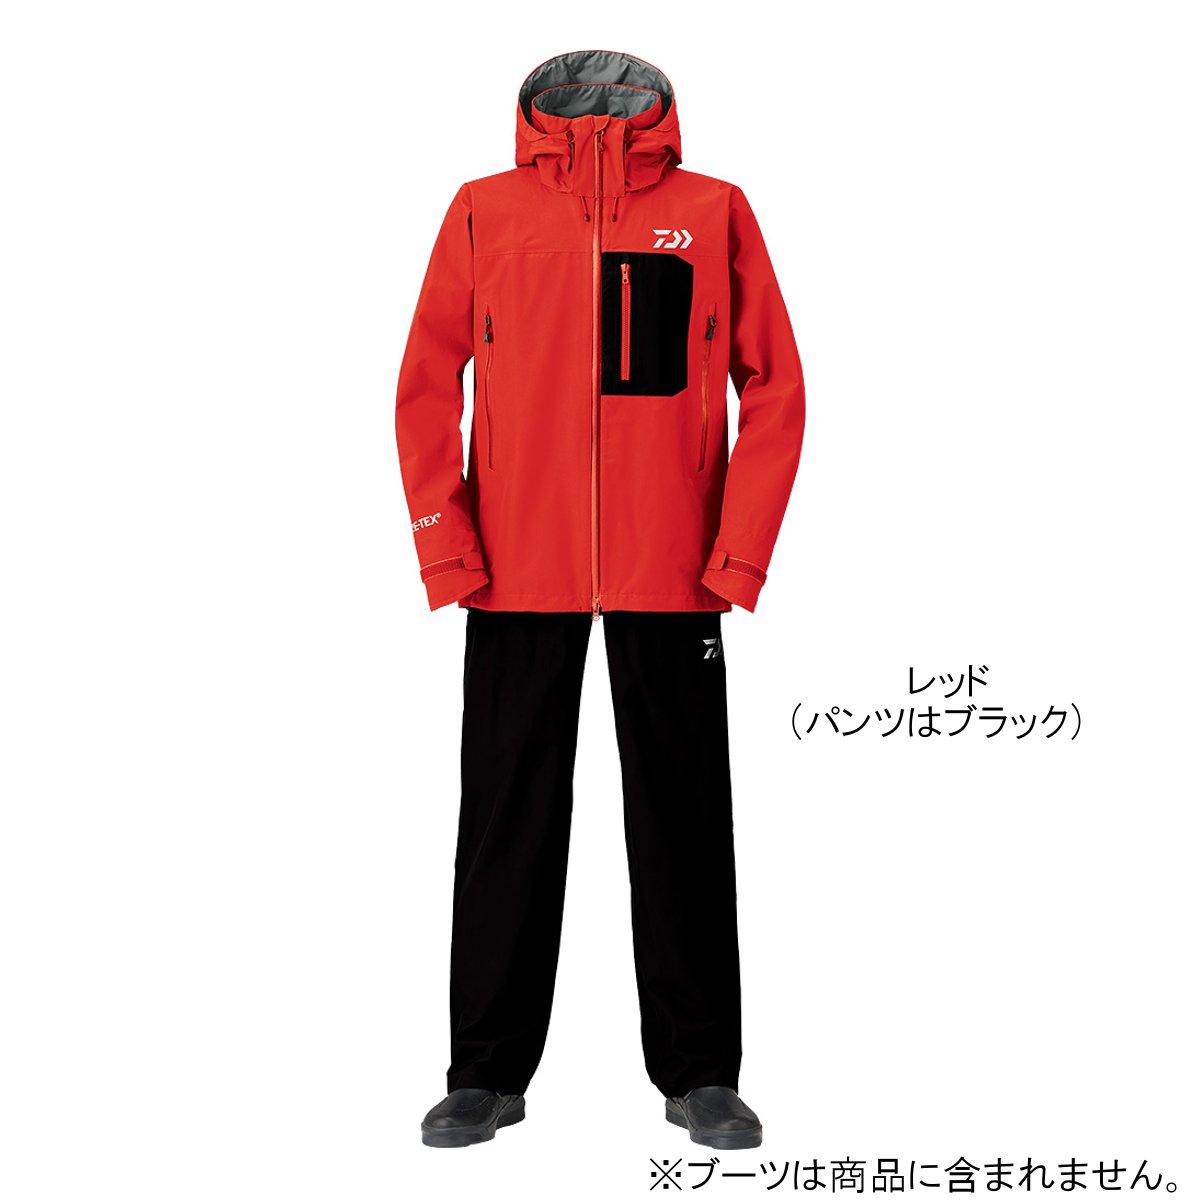 ダイワ ゴアテックスプロダクト パックライト レインスーツ DR-1908 M レッド(東日本店)